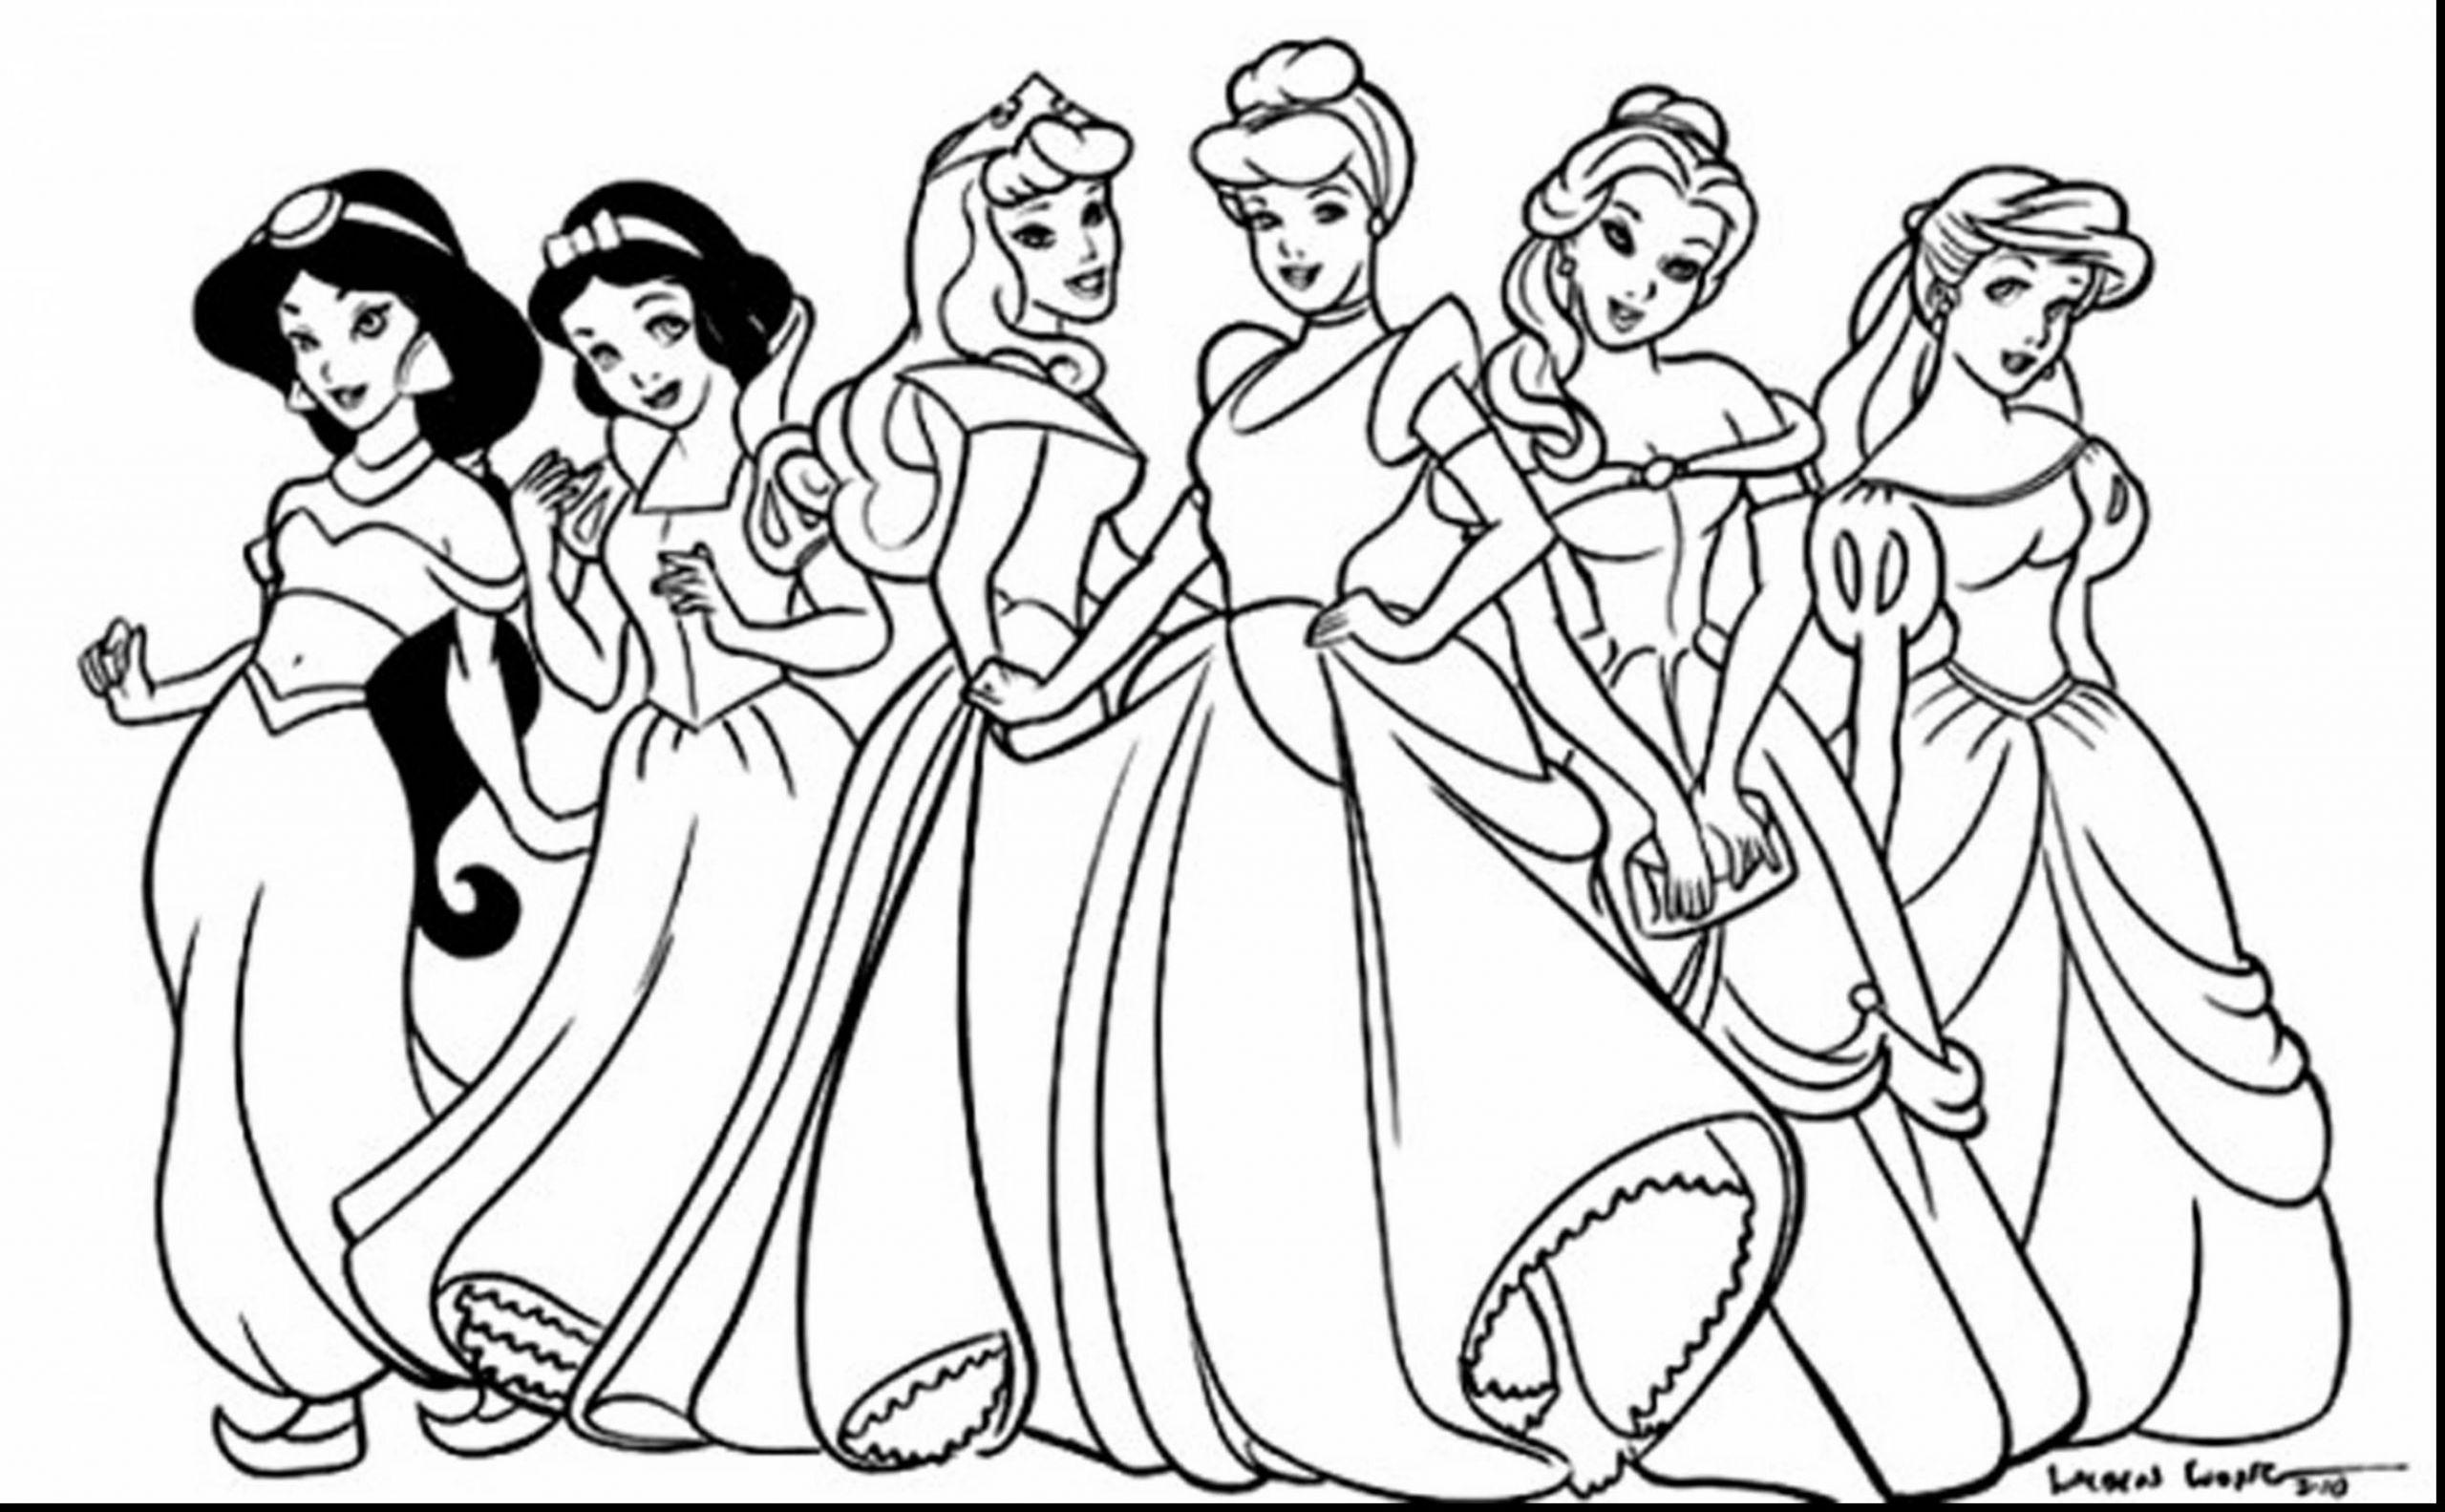 Die Besten Von Ausmalbilder Prinzessin Sofia Ideen Of Ausmalbild Prinzessin Sofia Kostenl Malvorlagen Fur Kinder Zum Ausdrucken Disney Farben Malbuch Vorlagen